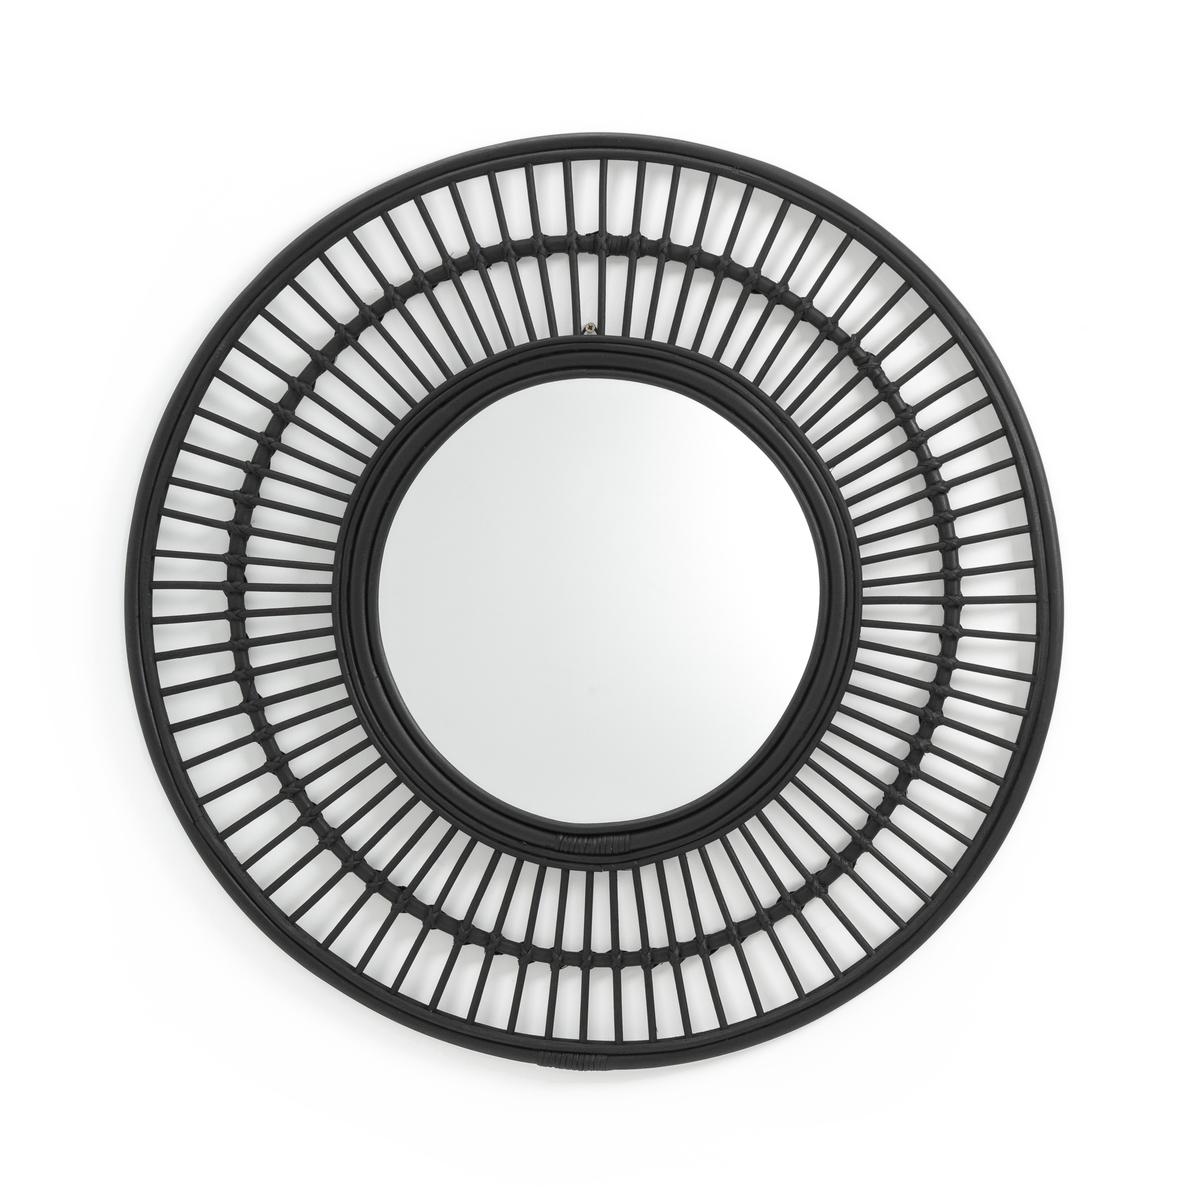 Зеркало La Redoute Круглое из ротанга см Nogu единый размер черный зеркало la redoute из ротанга в форме ромашки см nogu единый размер бежевый